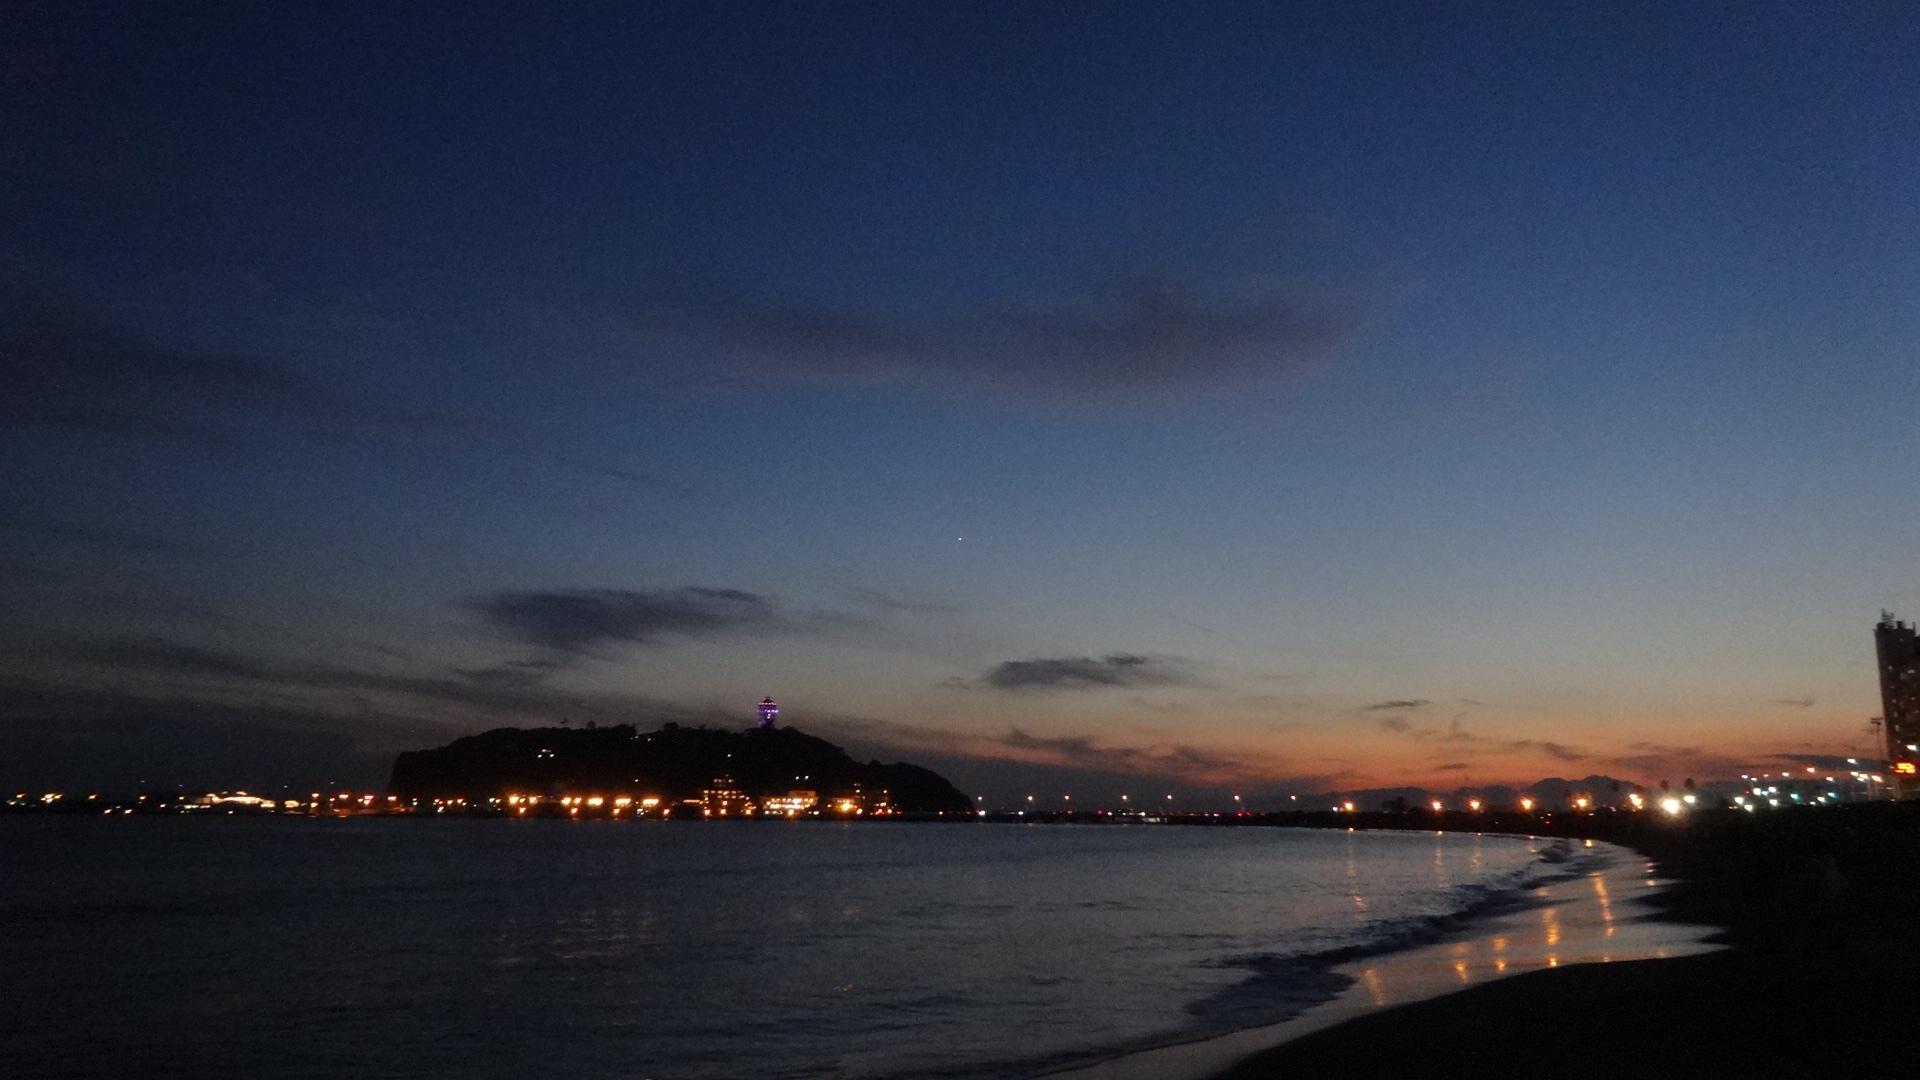 日が沈んだあと 刻一刻と空の蒼さが濃さを増していくさ1